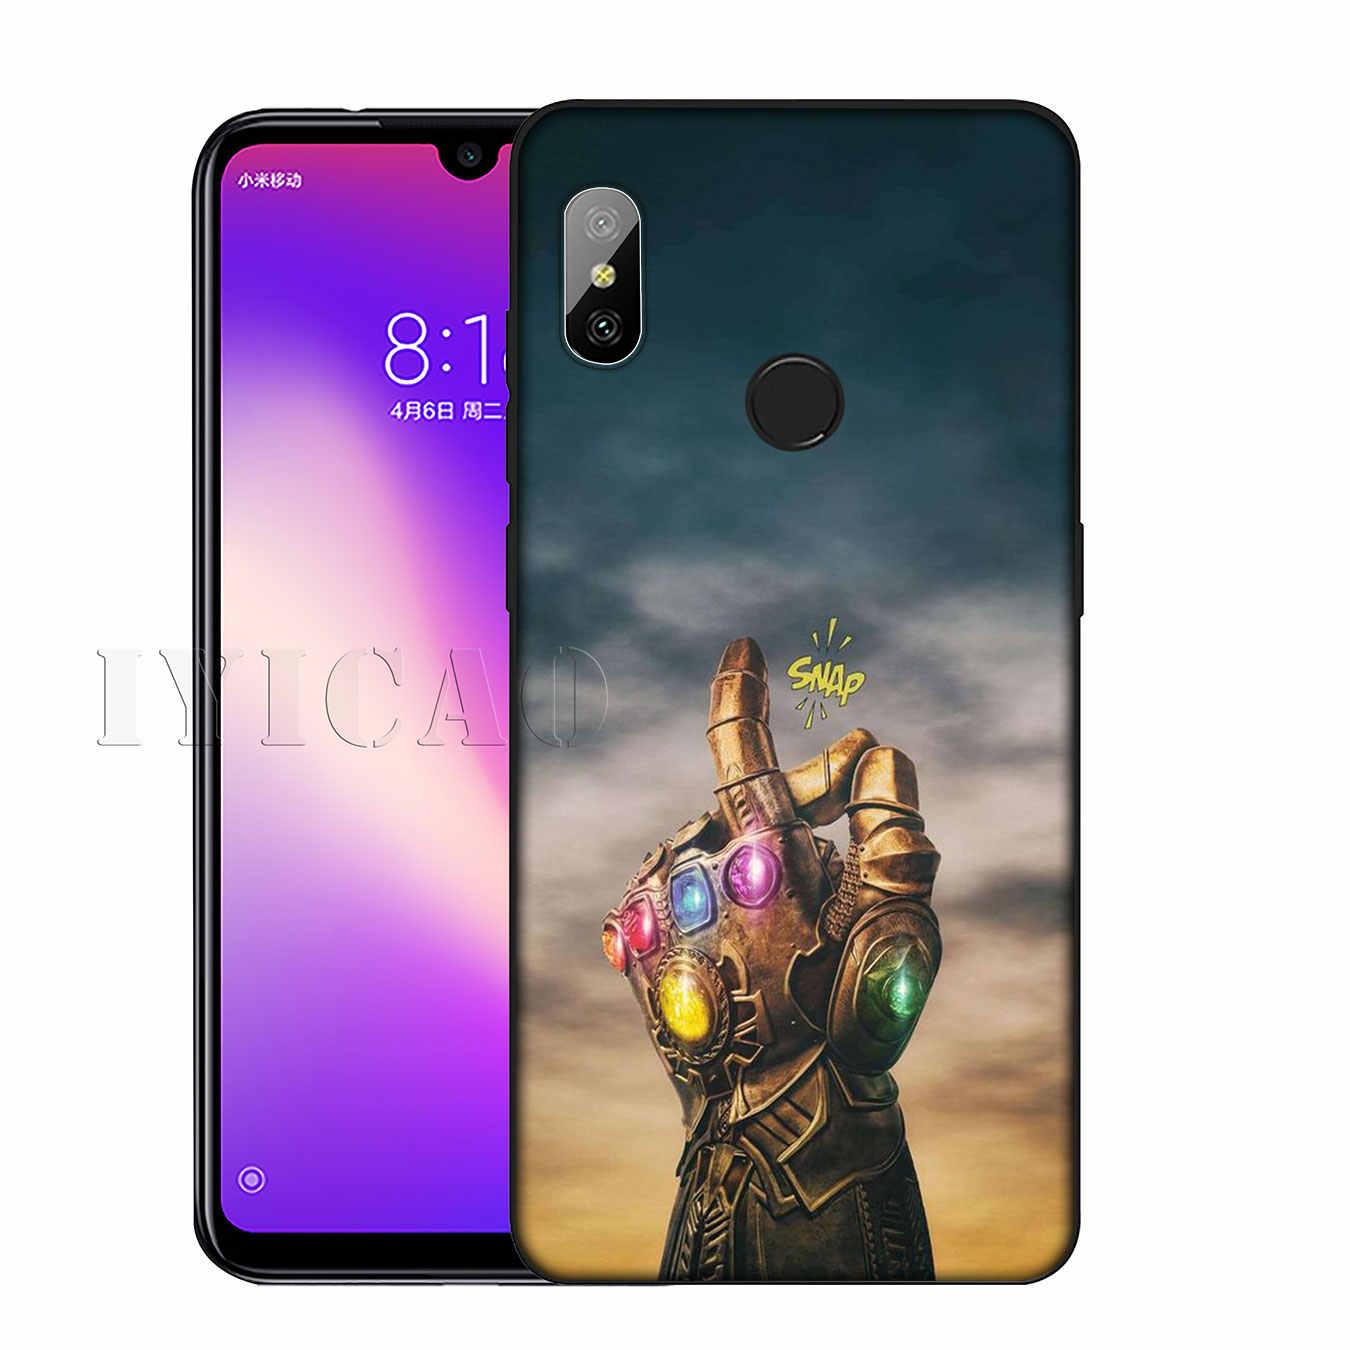 デッドプール Thanos さんアベンジャーズ Endgame Marvel アイアンマンキャプテンアメリカのソフト電話ケース xiaomi Redmi K20 8A 7A 6A 注 8 7 5 6 プロ